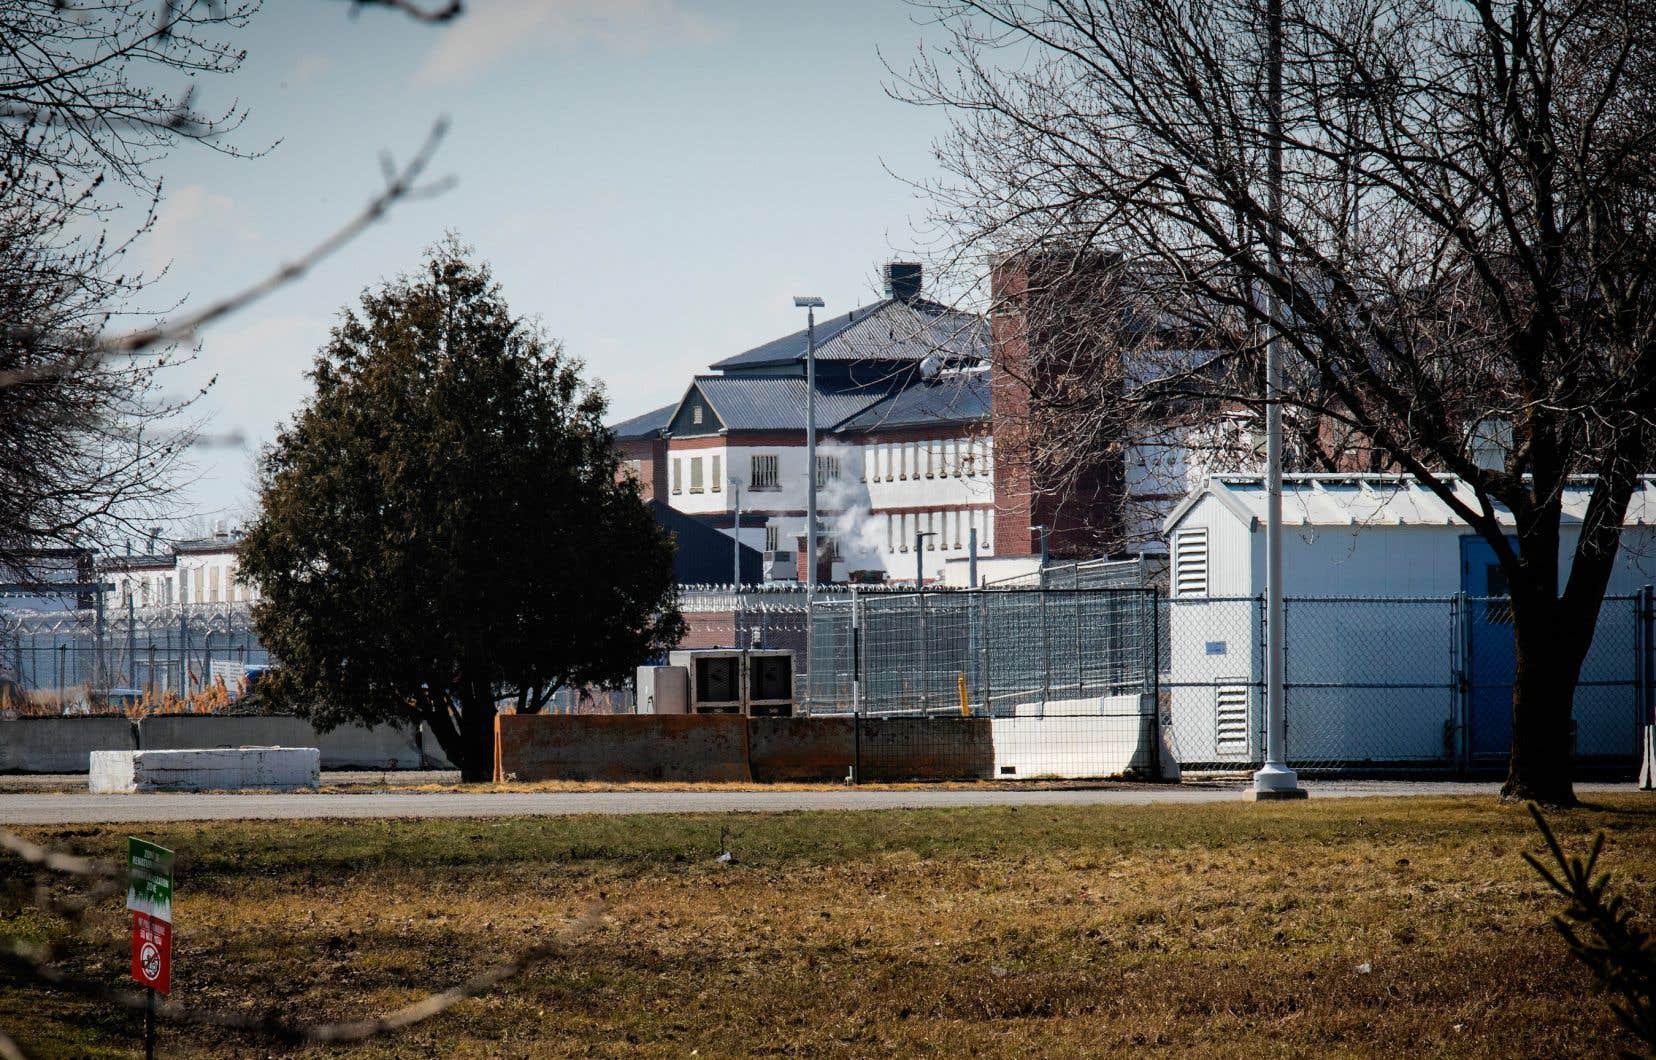 Le dernier rapport du Protecteur du citoyen faisait état de pratiques de fouilles à nu abusives en prison, en évoquant le cas d'une personne fouillée à nu 24 fois en quatre jours, même la nuit.